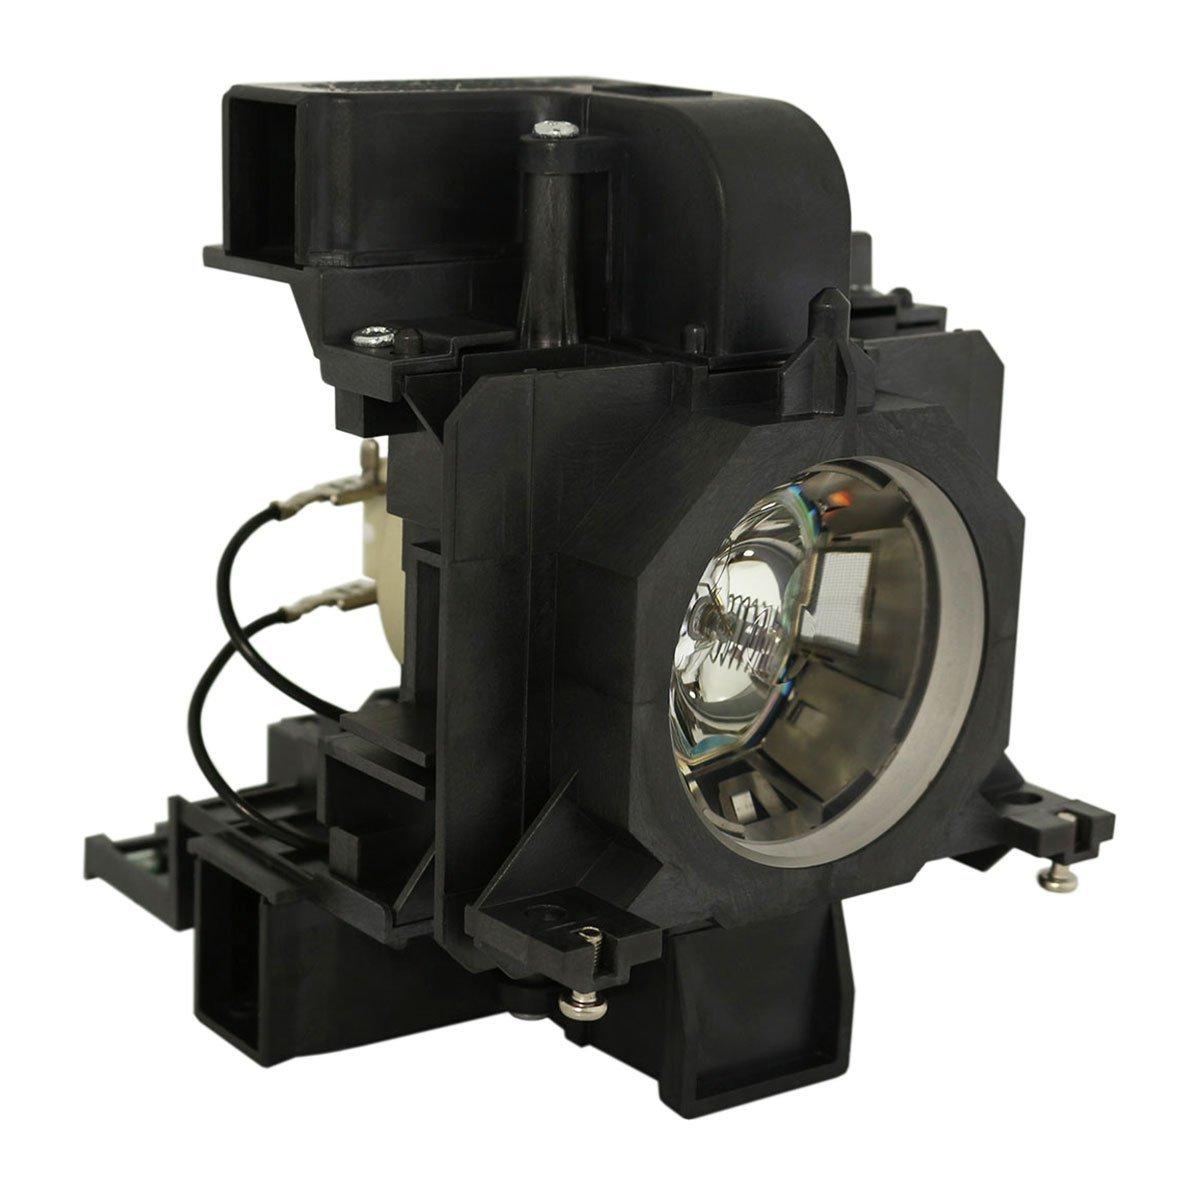 原装 PANASONIC 松下 投影机灯泡 PT-SLX65C 带灯架 ET-LAE200C